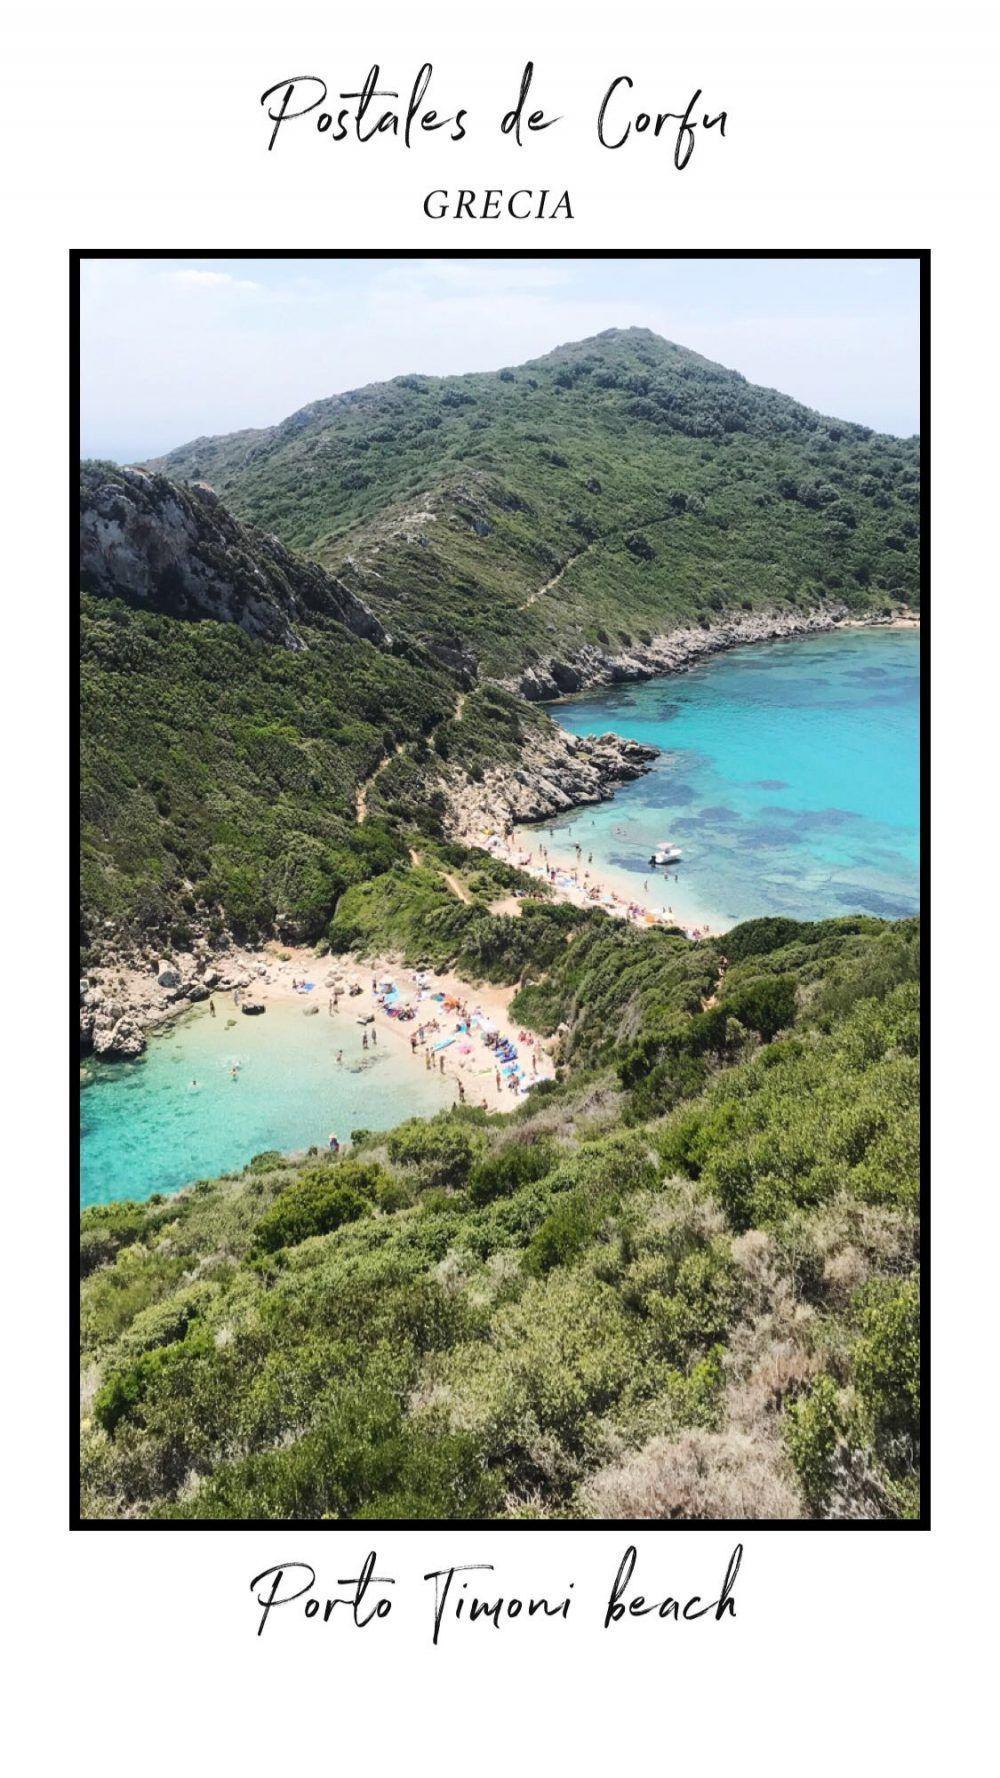 Porto timonee beach, corfu, grecia